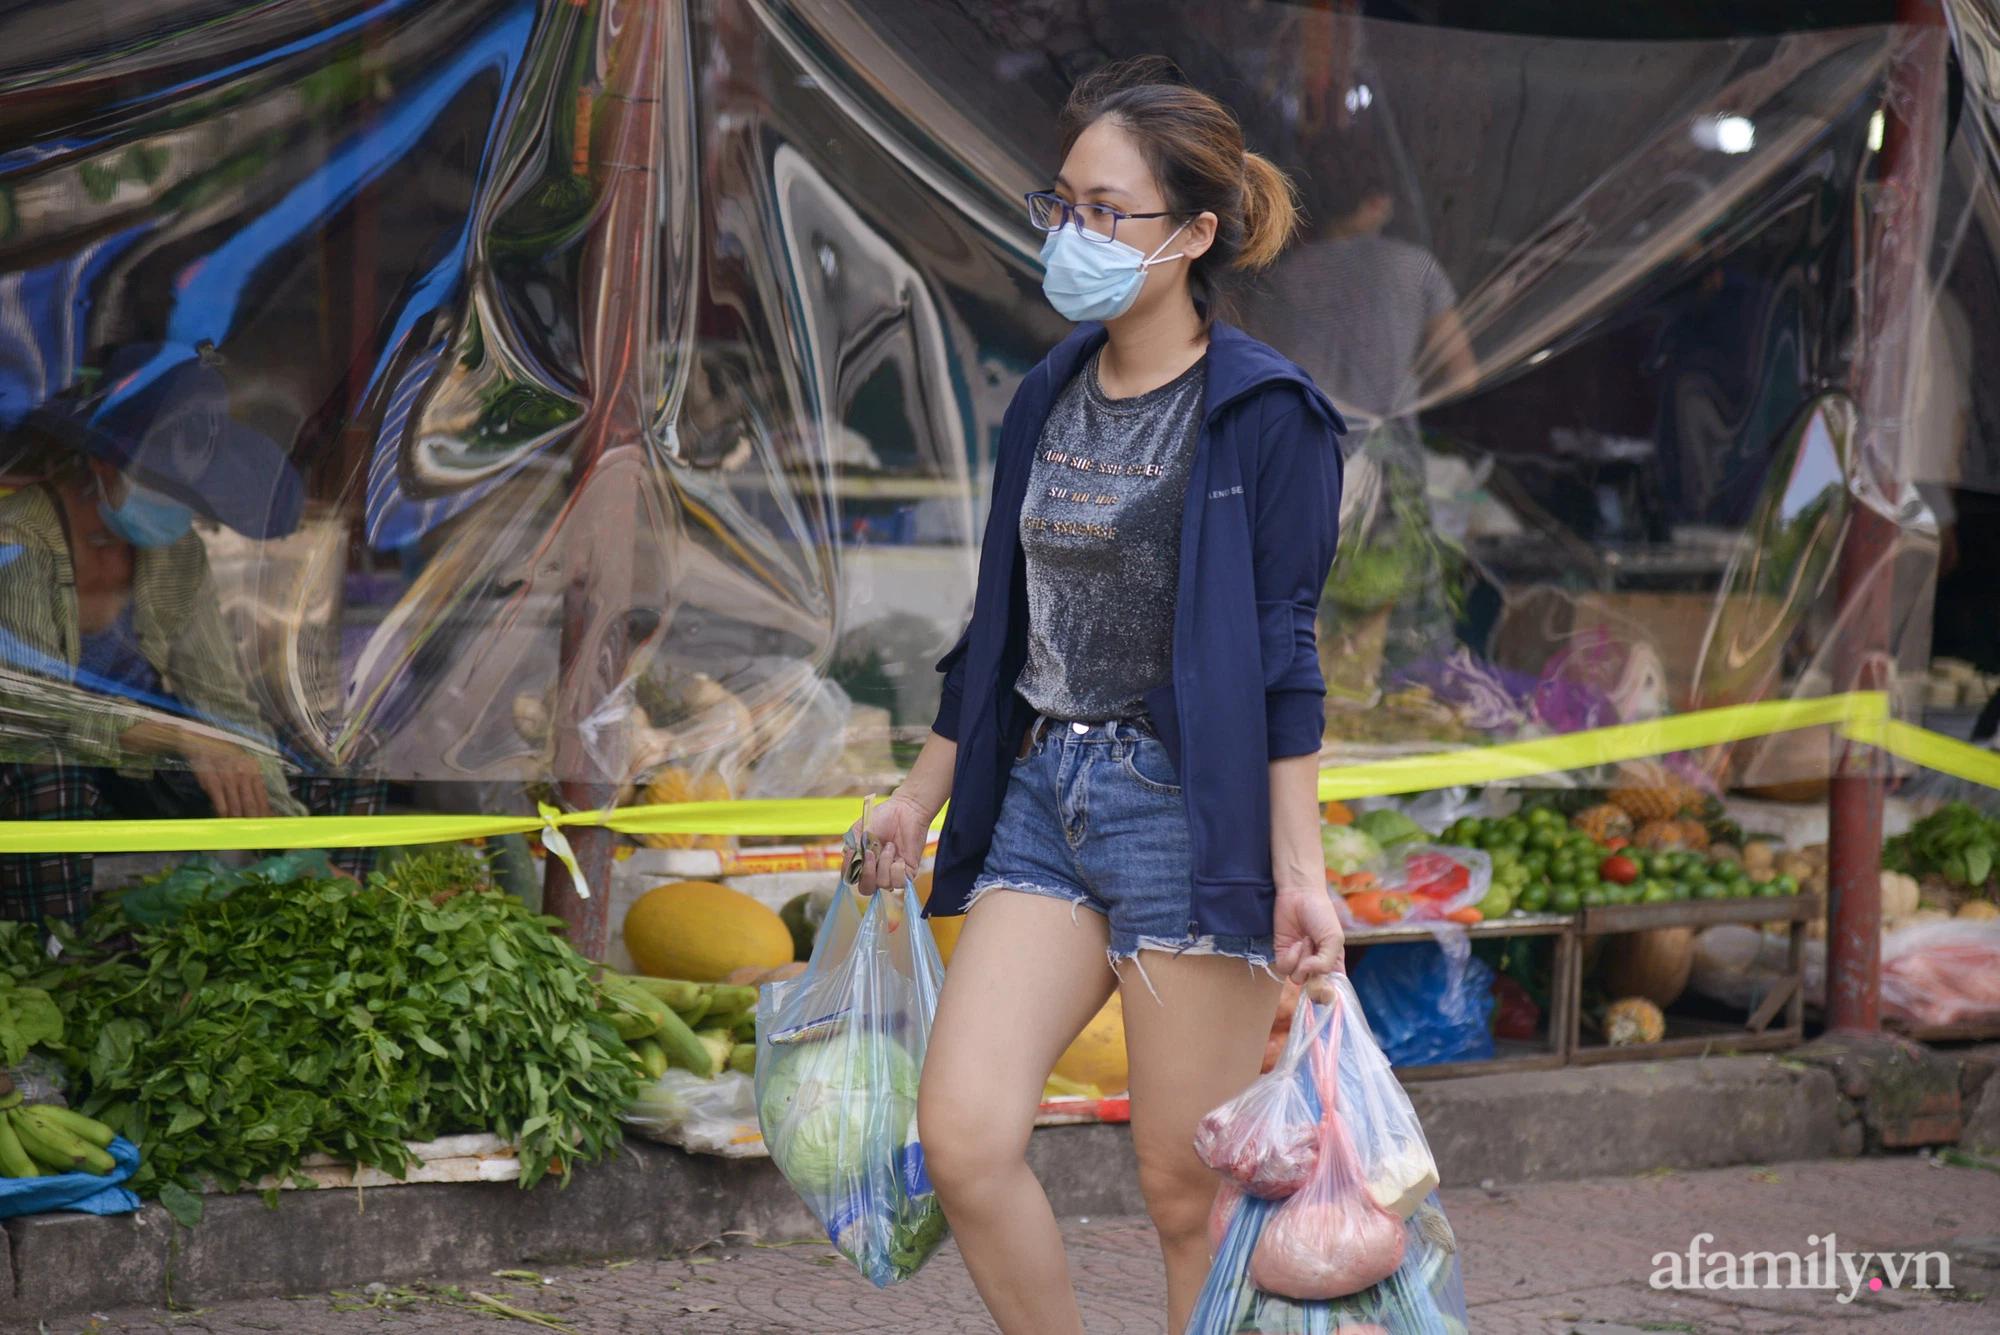 Ấn tượng với khu chợ dân sinh đầu tiên ở Hà Nội quây tấm nilon phòng dịch COVID-19, tiểu thương chia ca đứng bán theo ngày chẵn, lẻ - Ảnh 10.